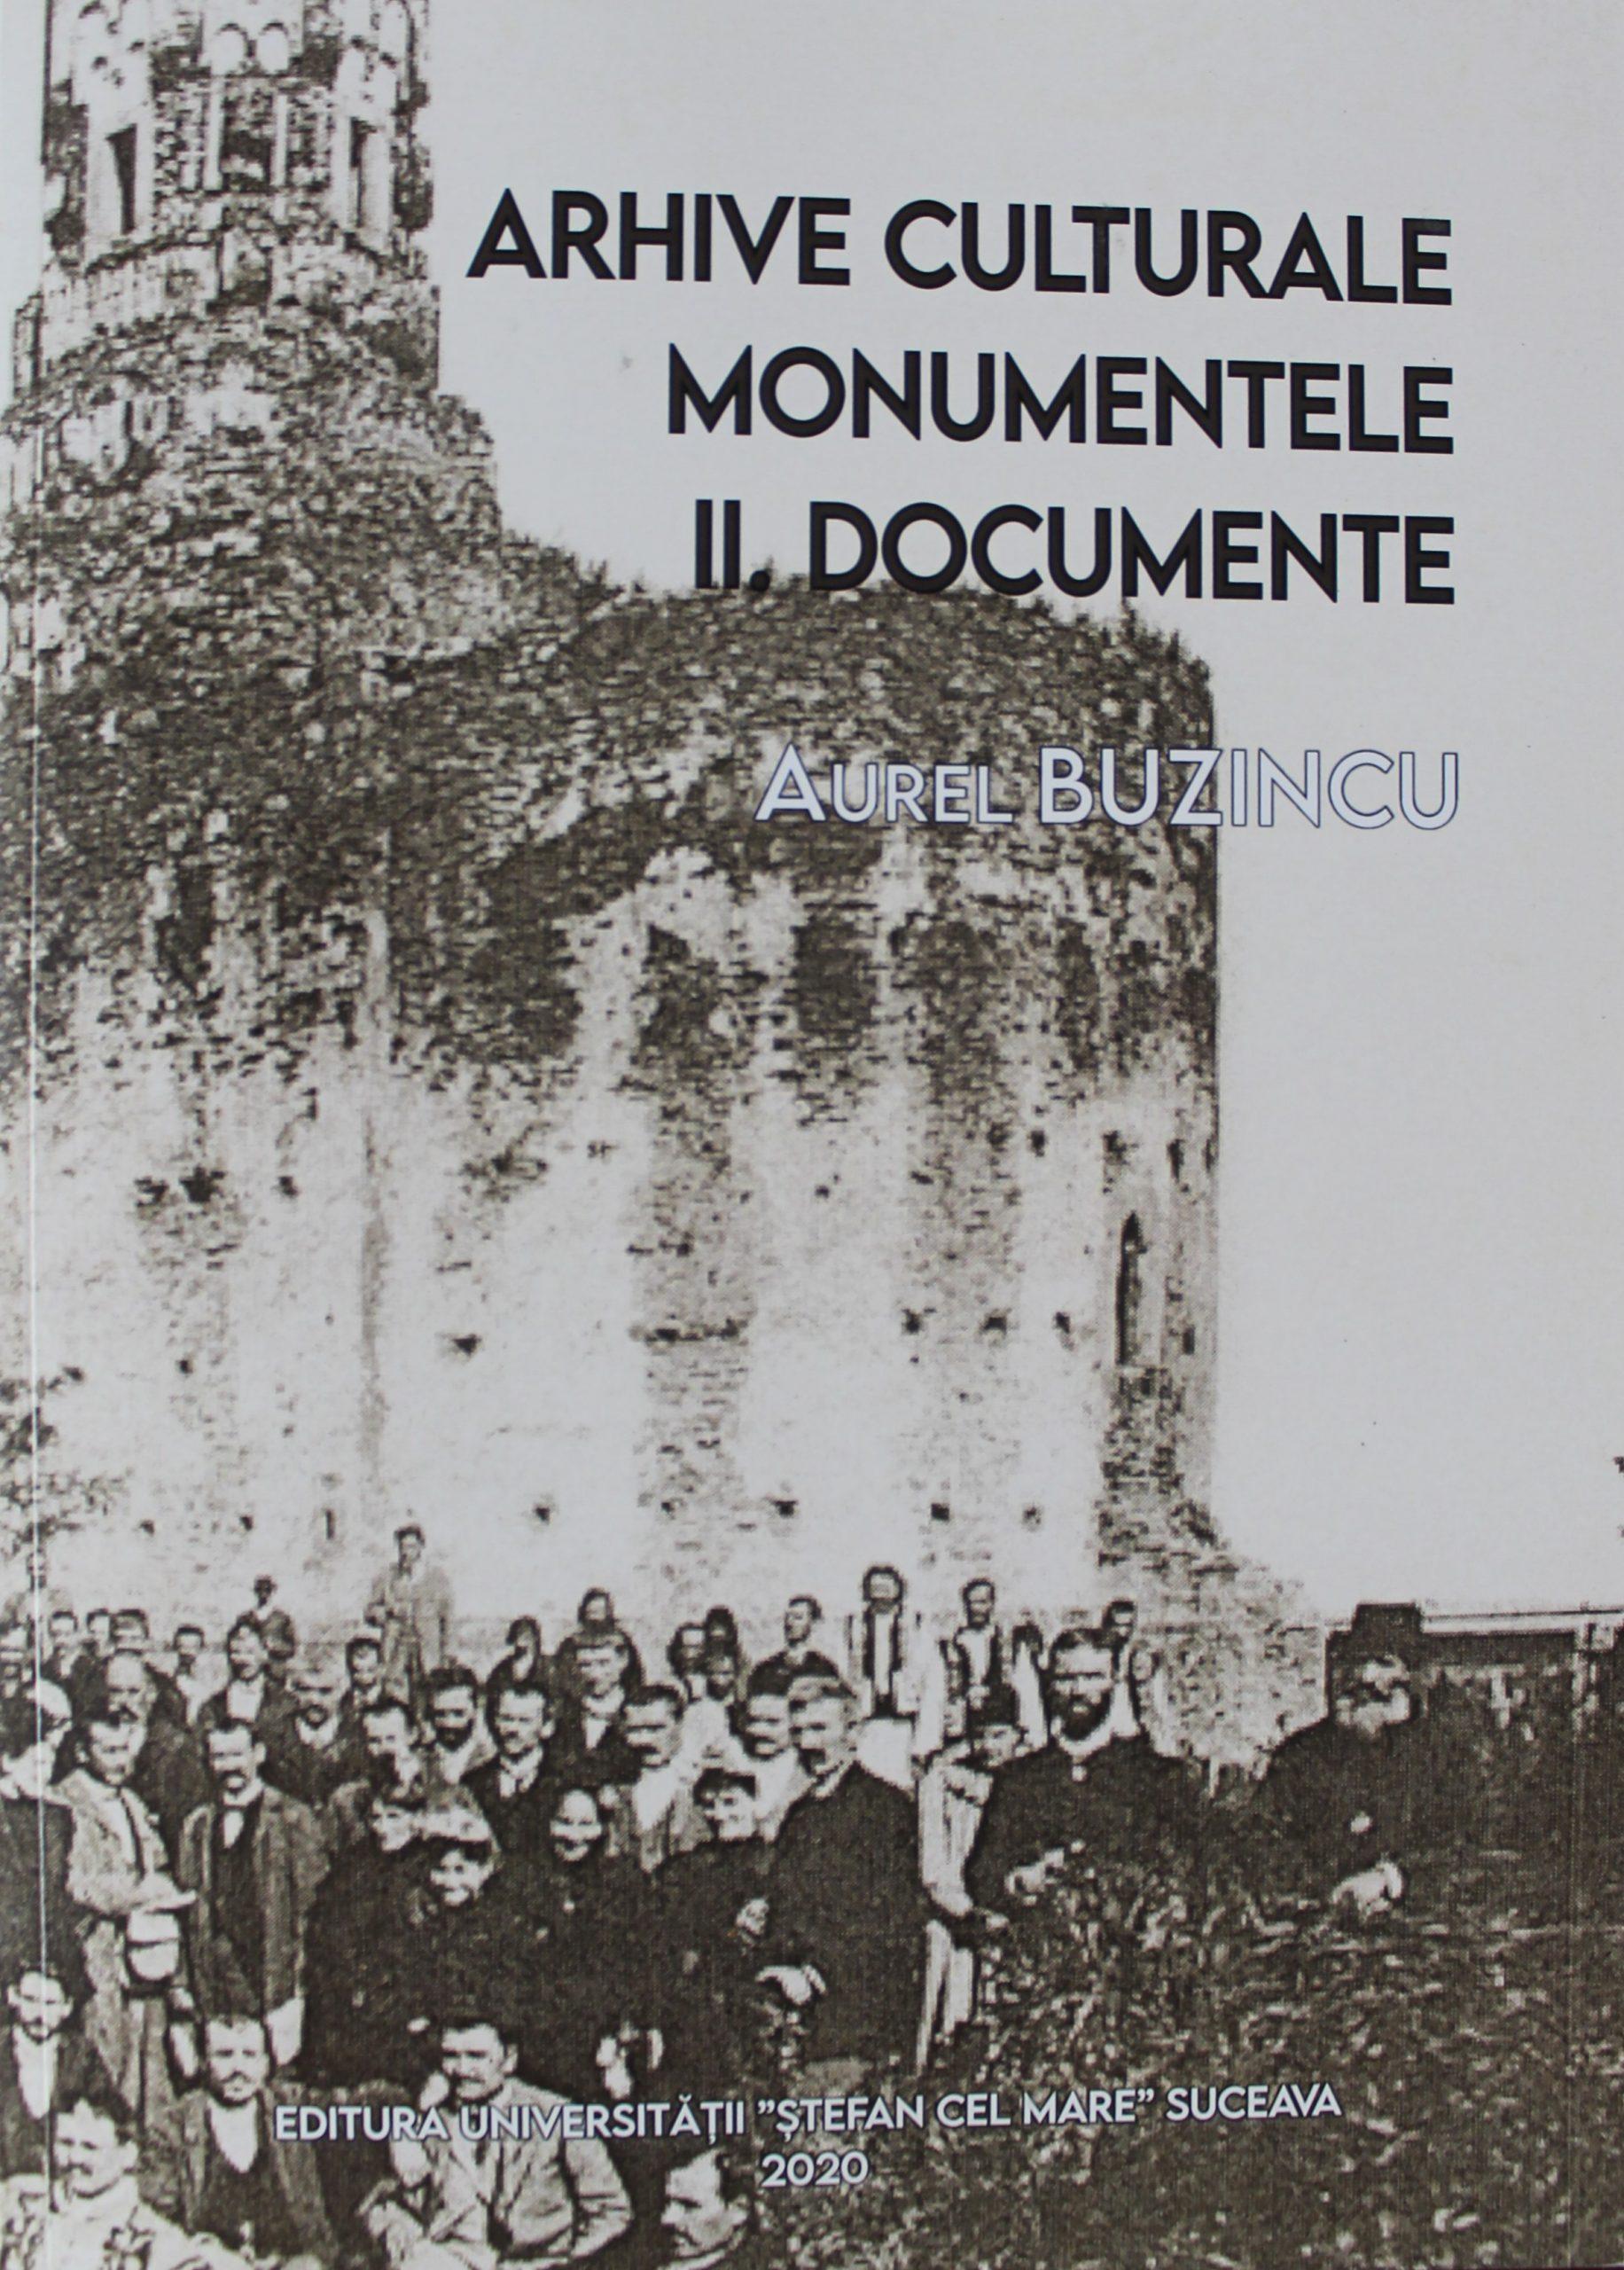 II. Arhive culturale. Monumentele. Documente - Aurel Buzincu